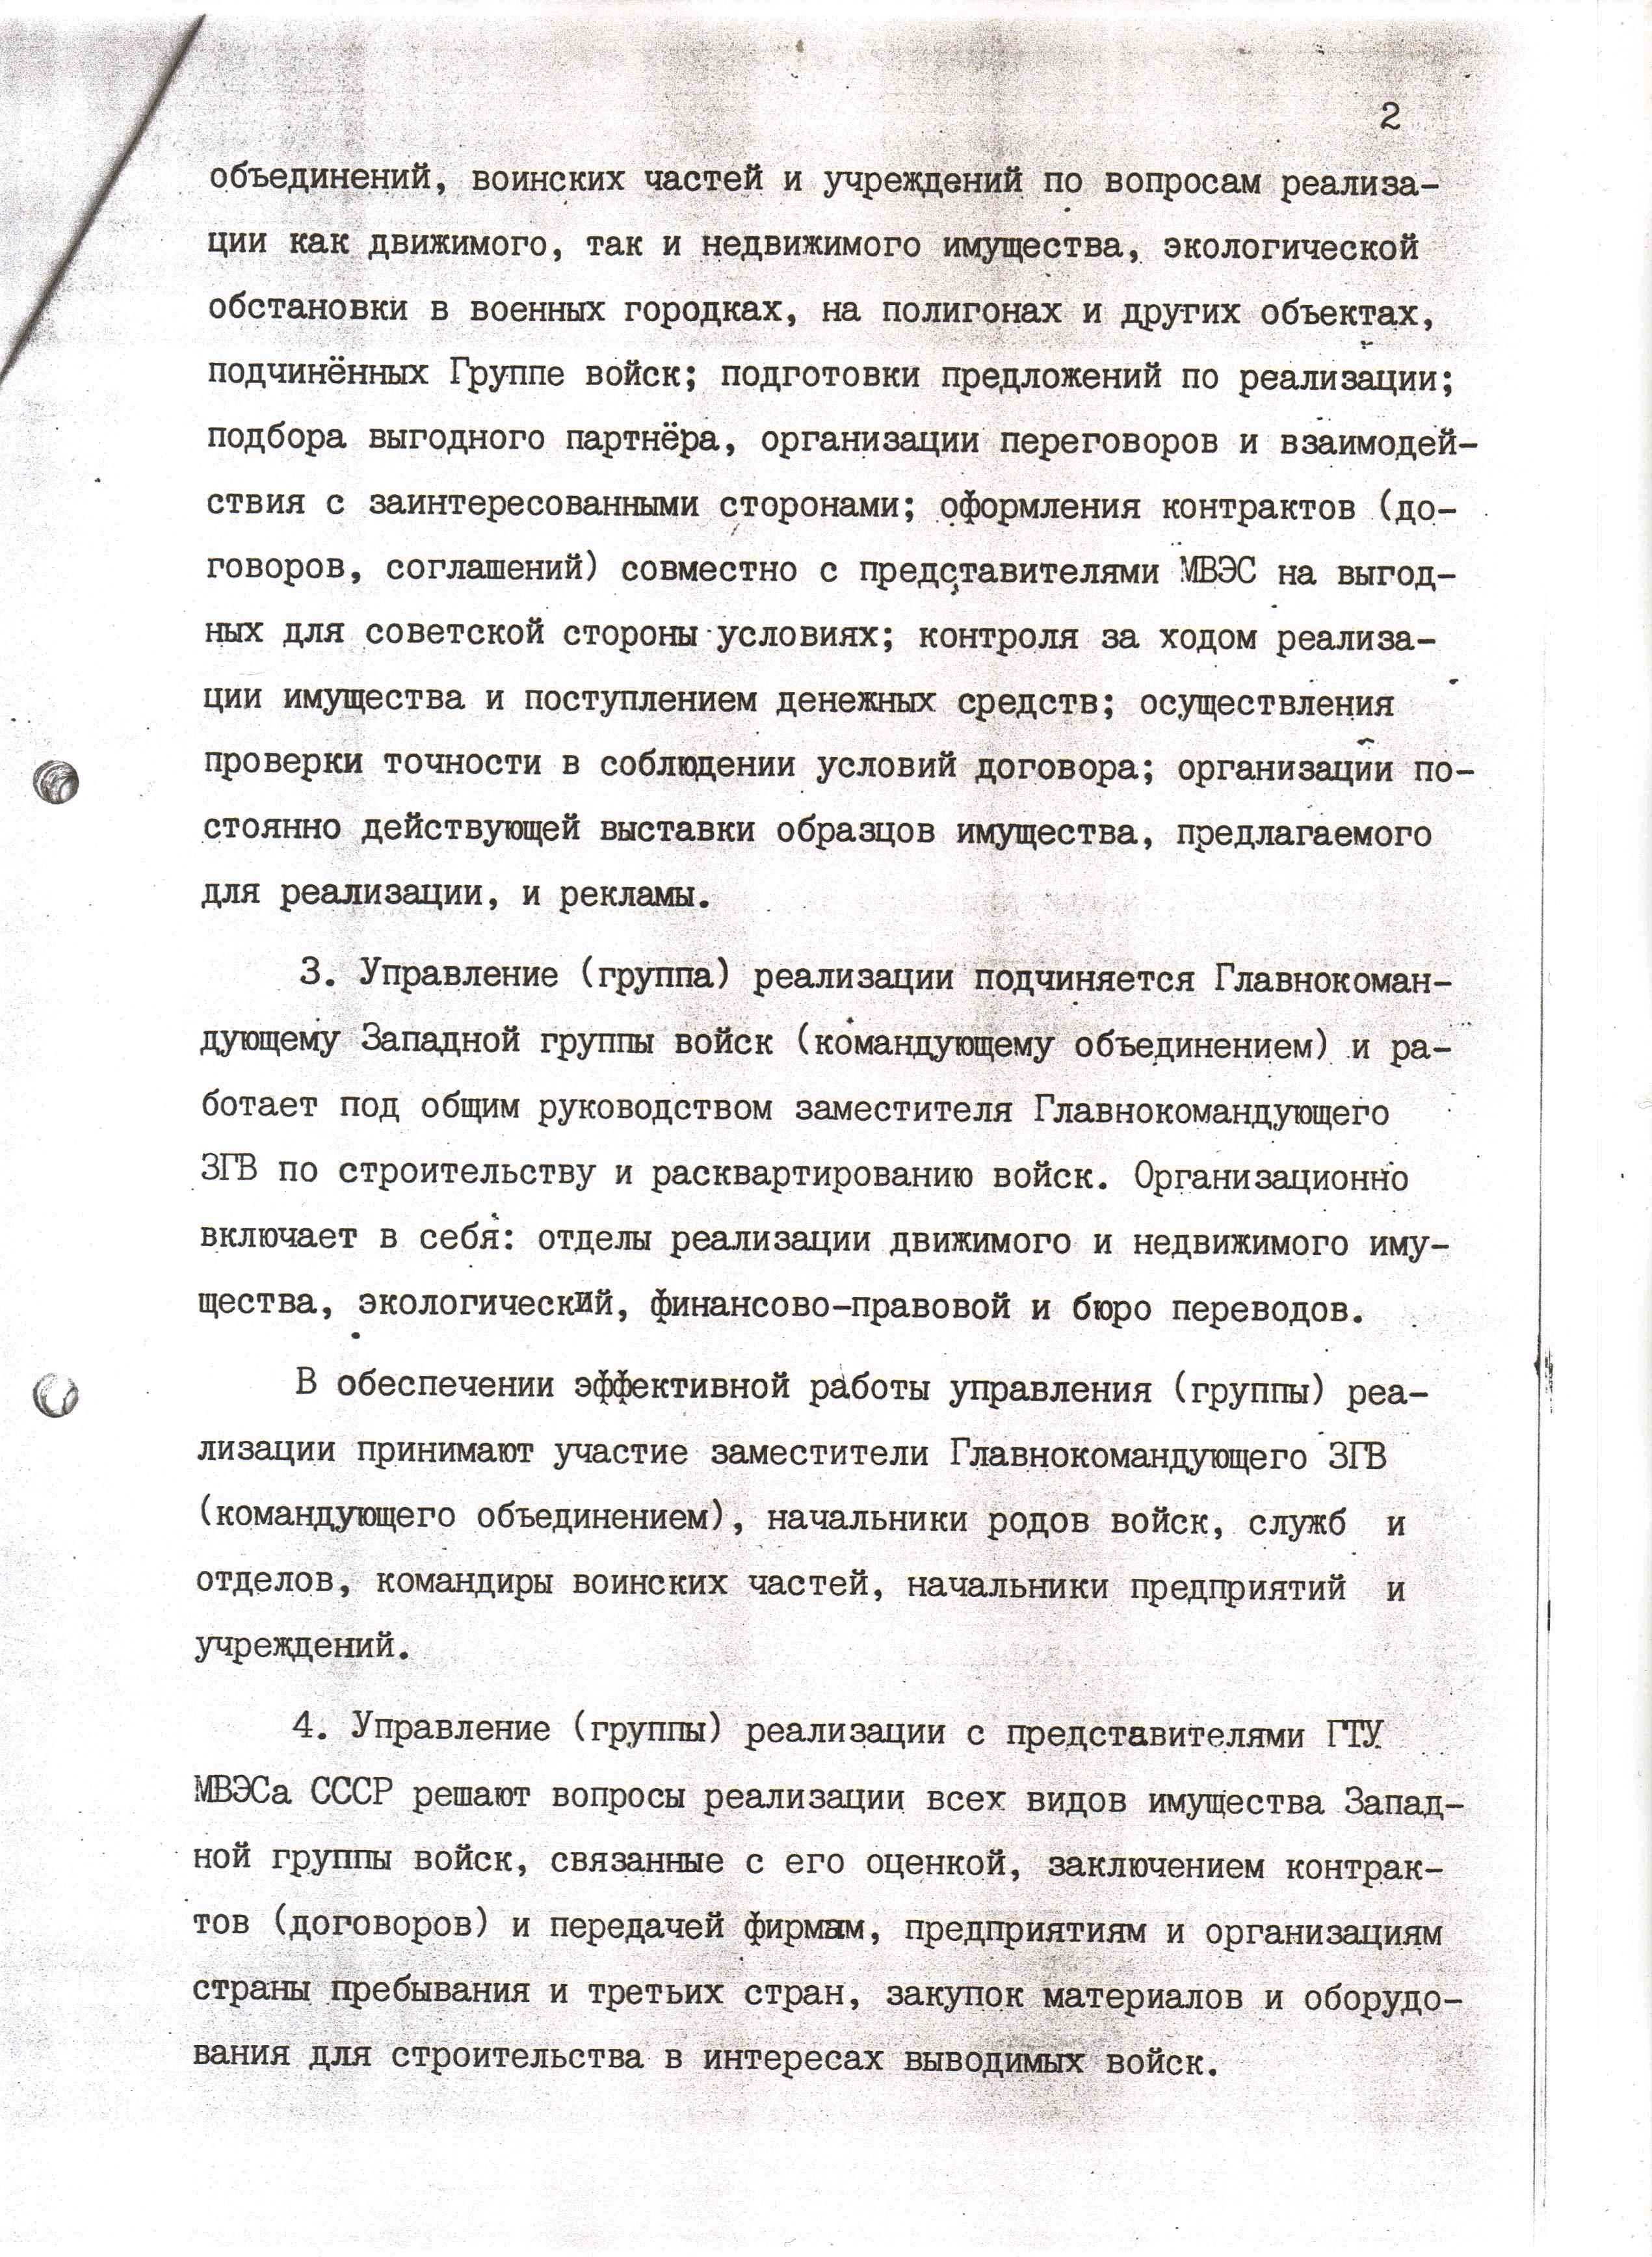 http://sd.uploads.ru/ufJFg.jpg